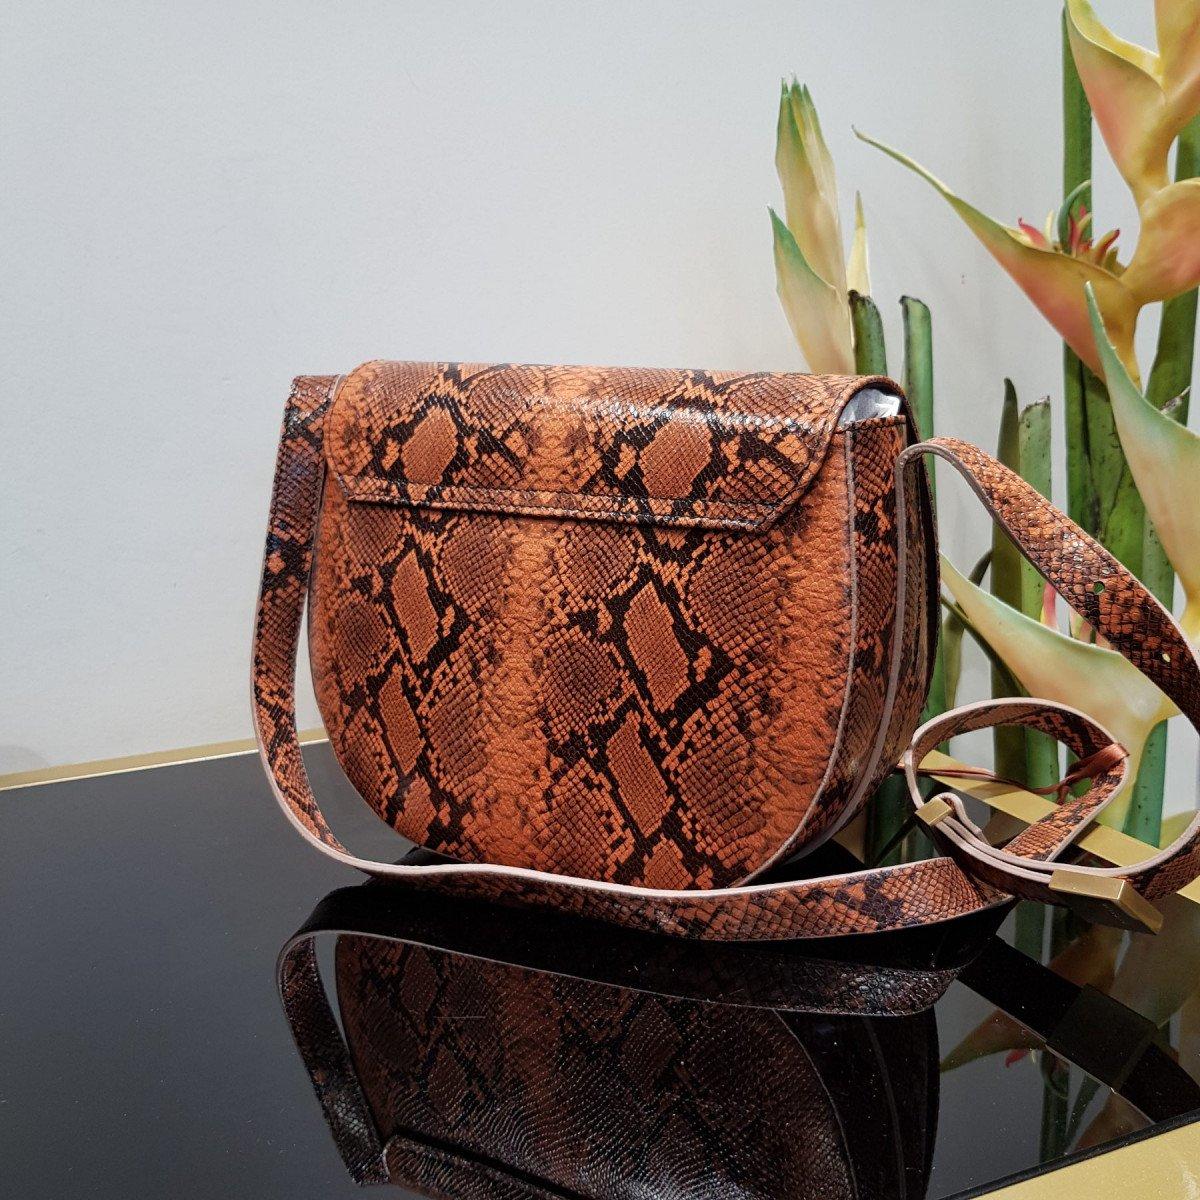 Итальянская женская сумка Arcadia 5455 mesis papaya из натуральной кожи